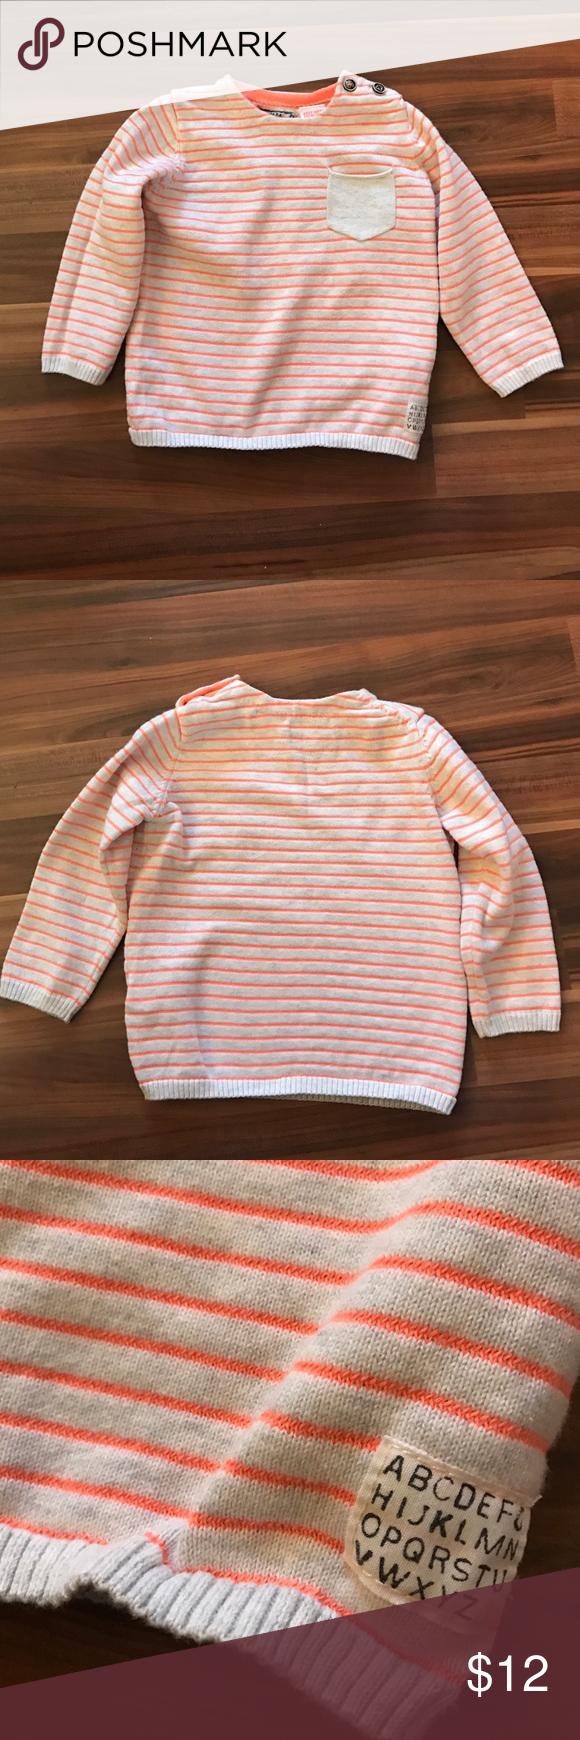 Zara Baby Sweater | Sweaters, Zara baby, Zara